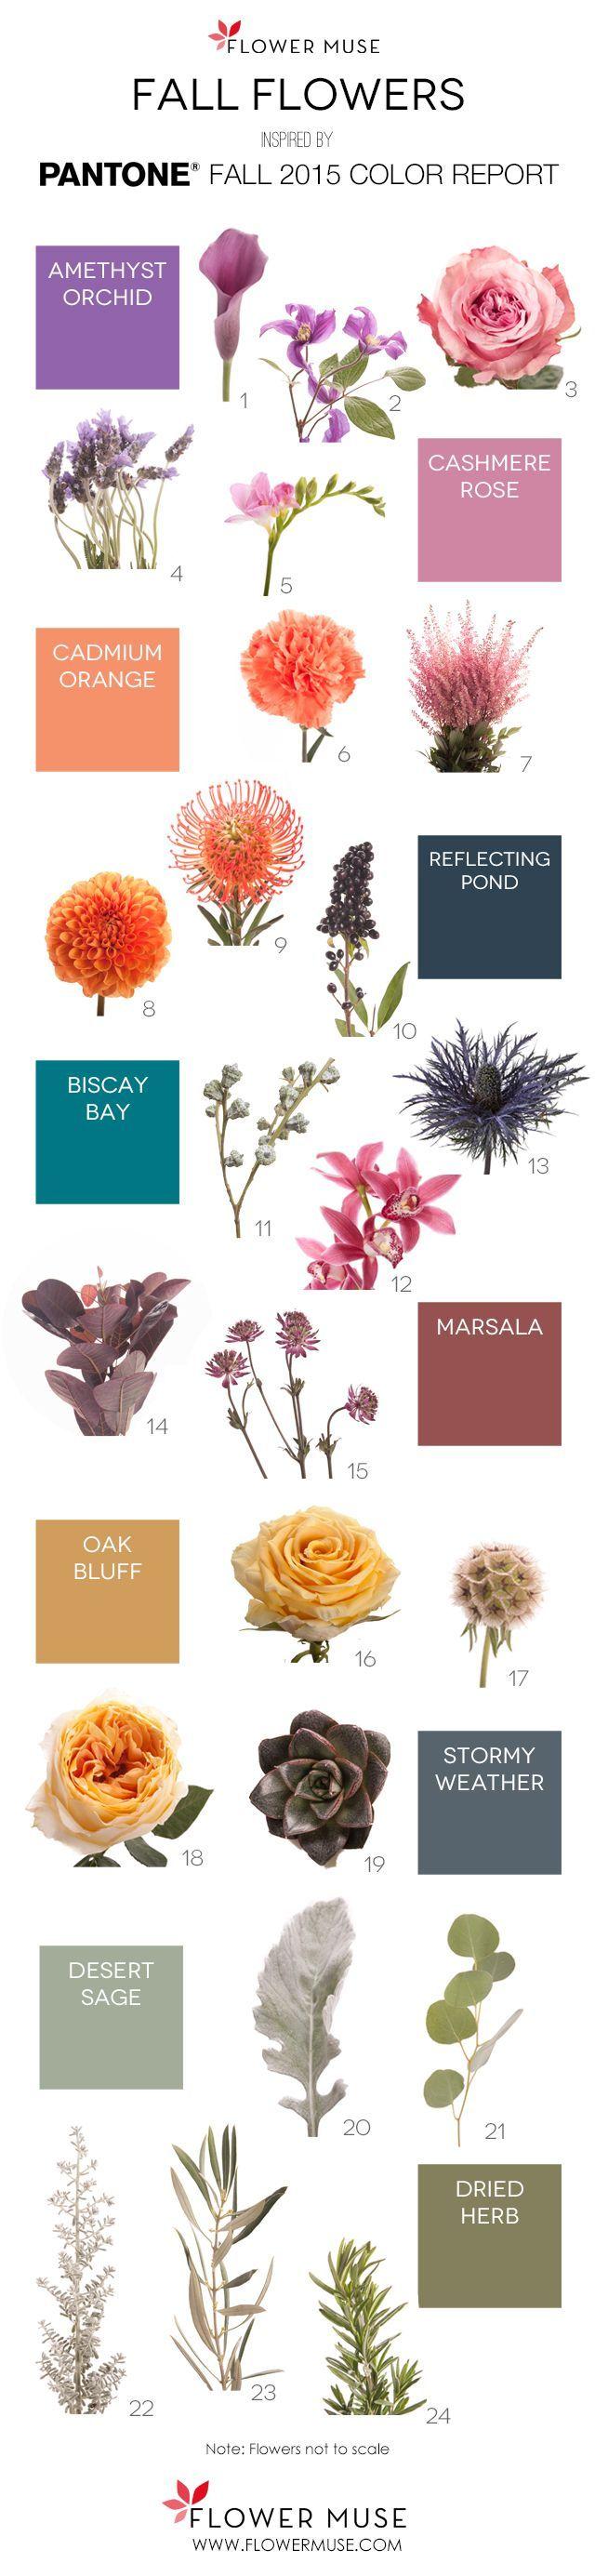 best flower name images on pinterest